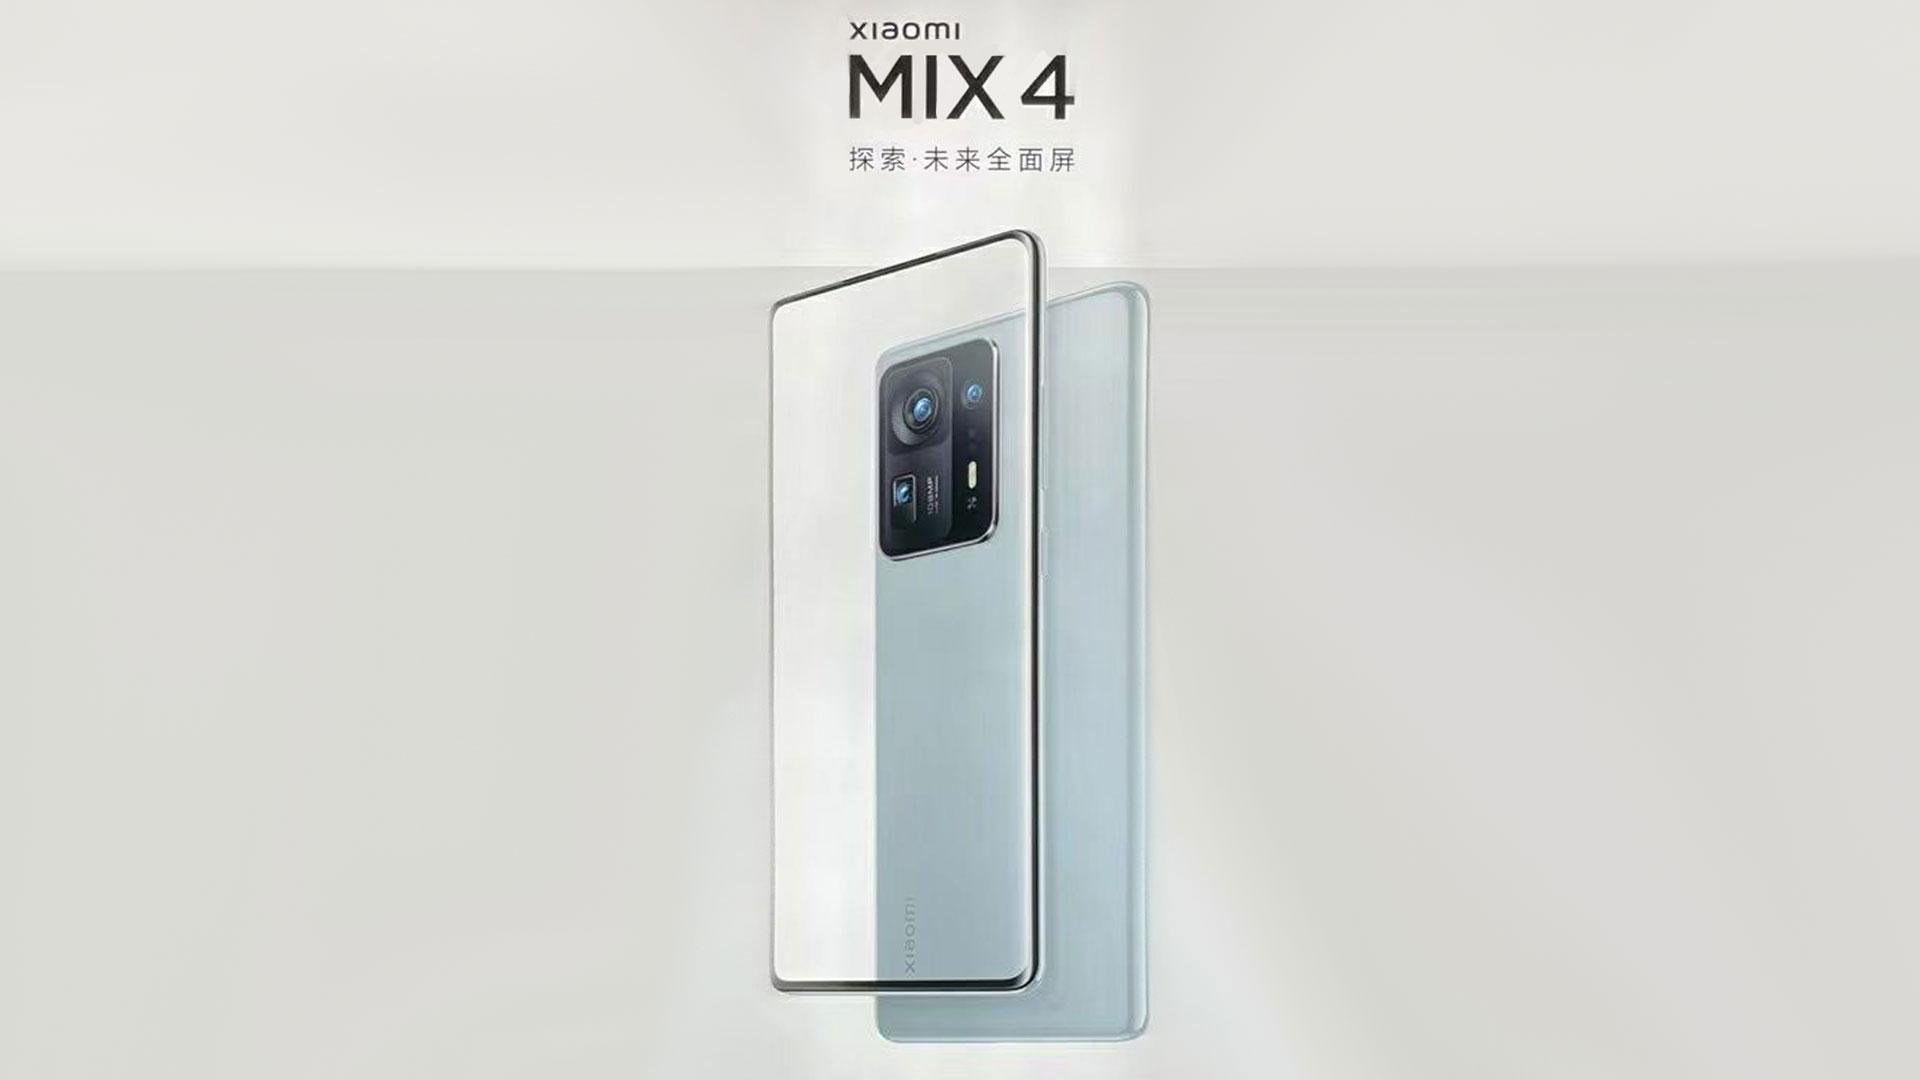 شاومي Mi Mix 4